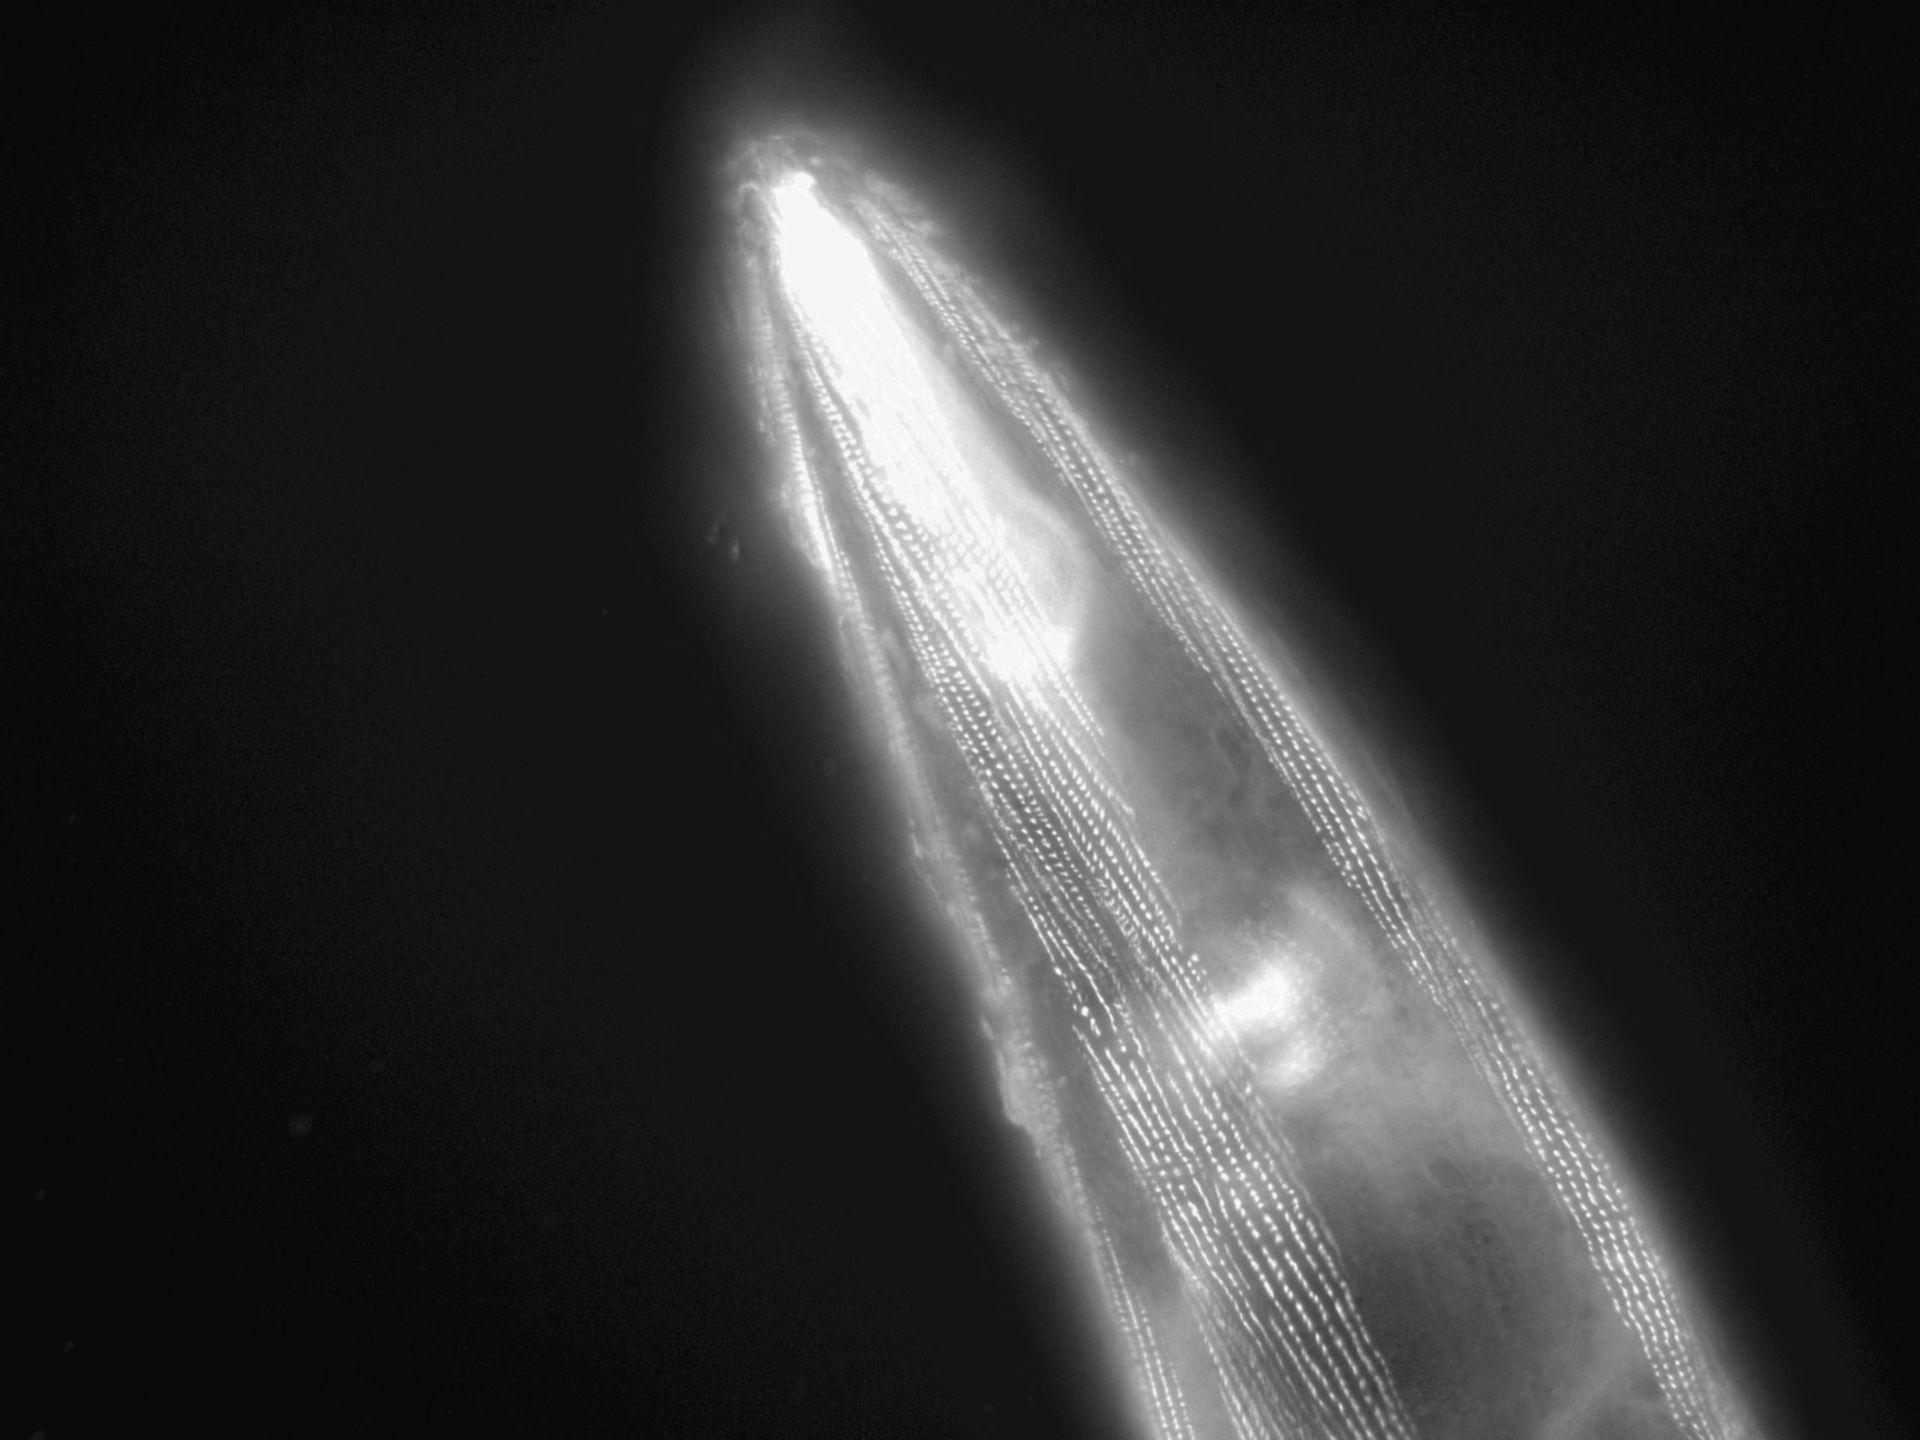 Caenorhabditis elegans (Actin filament) - CIL:1188